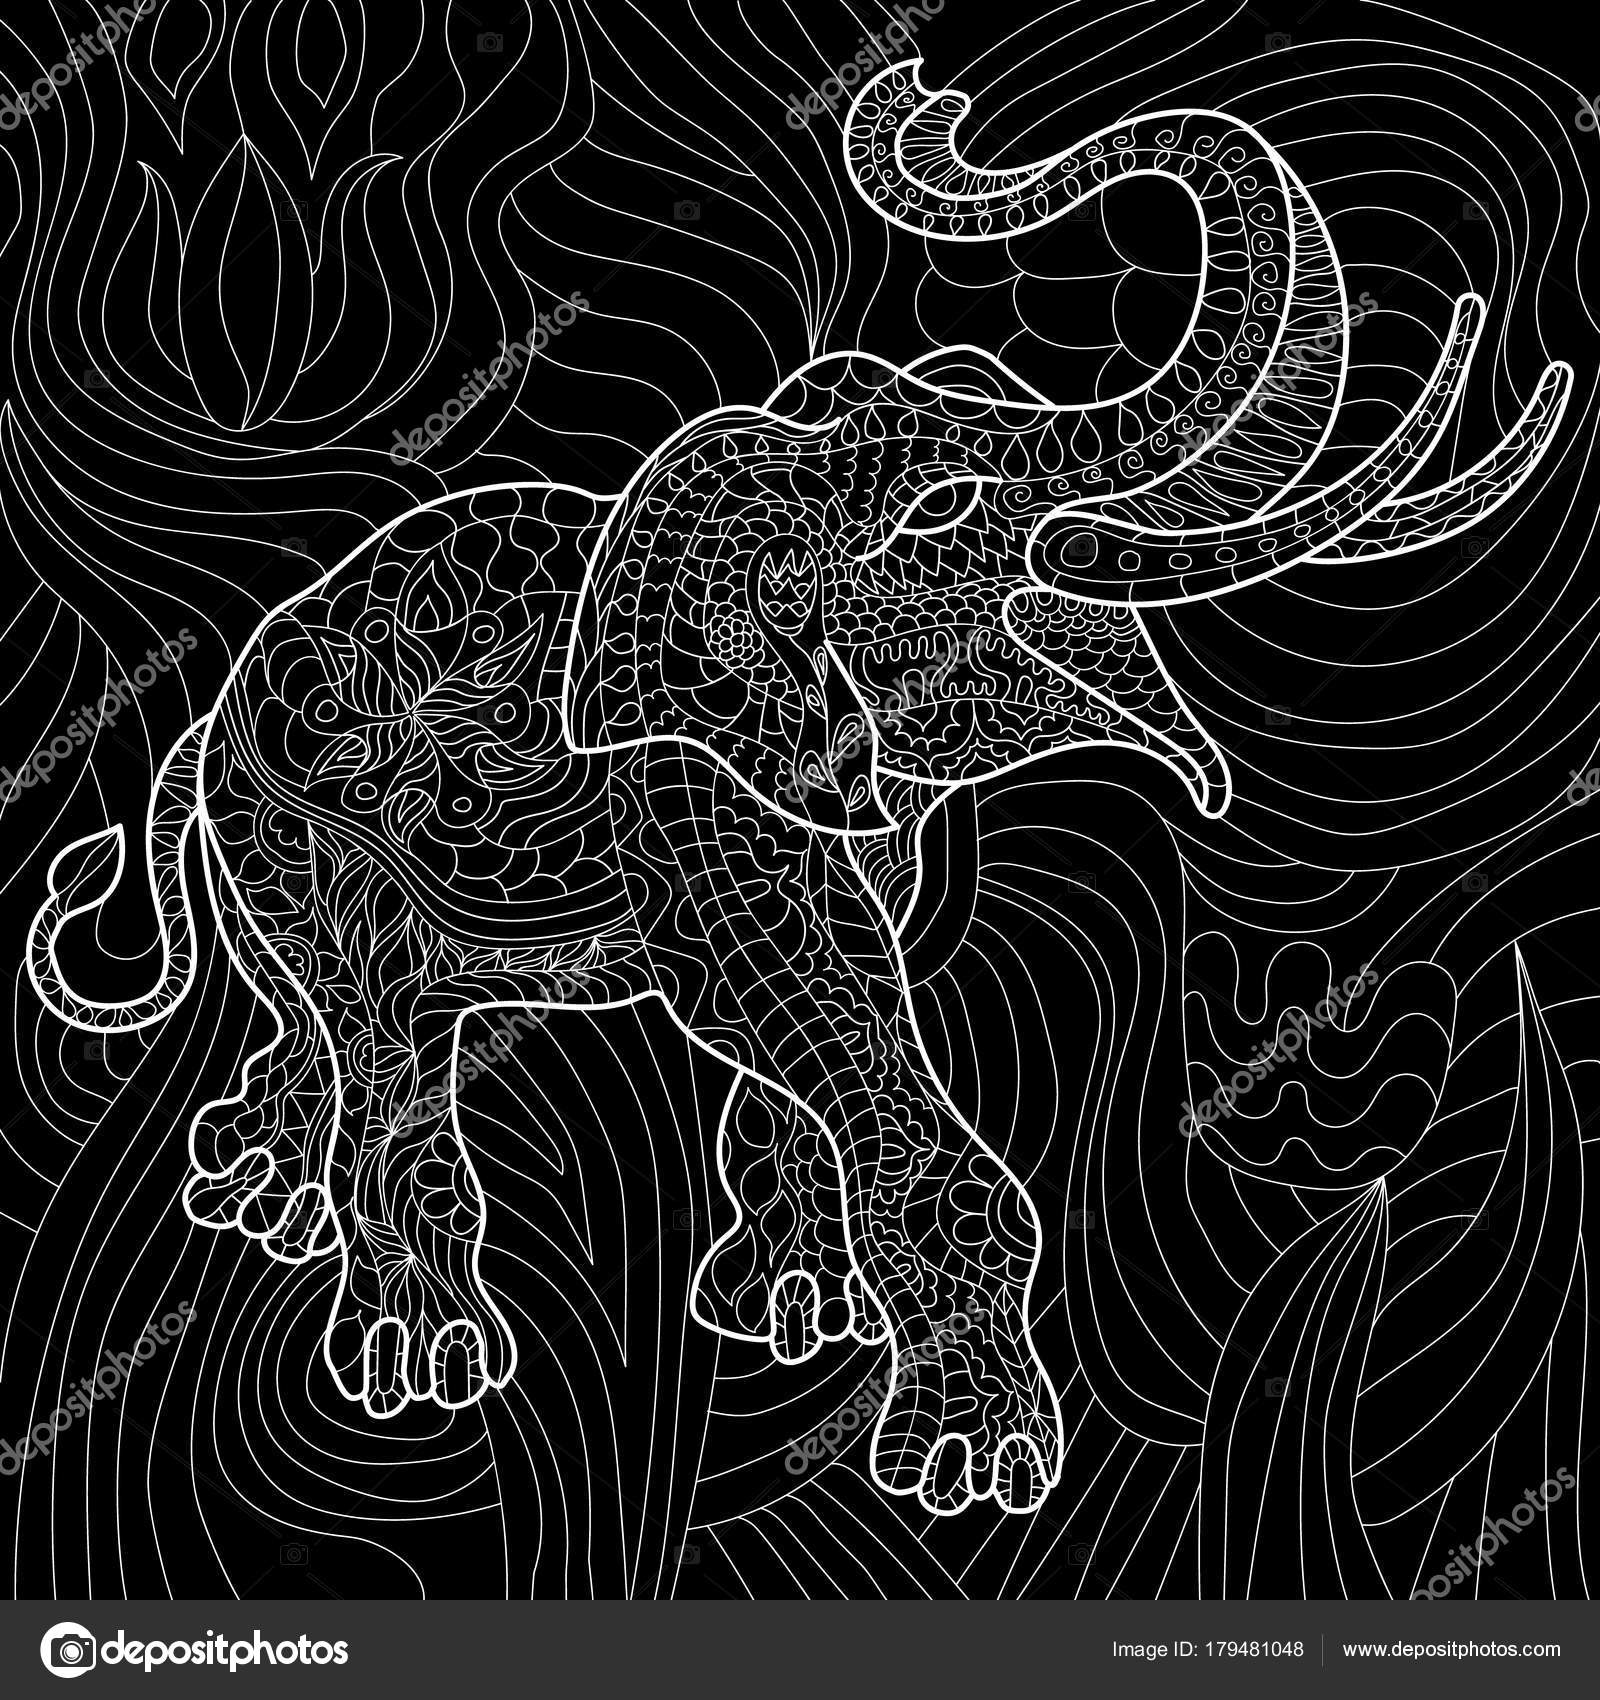 抗ストレス象大人の塗り絵黒と白手描き落書き民族パターンを印刷